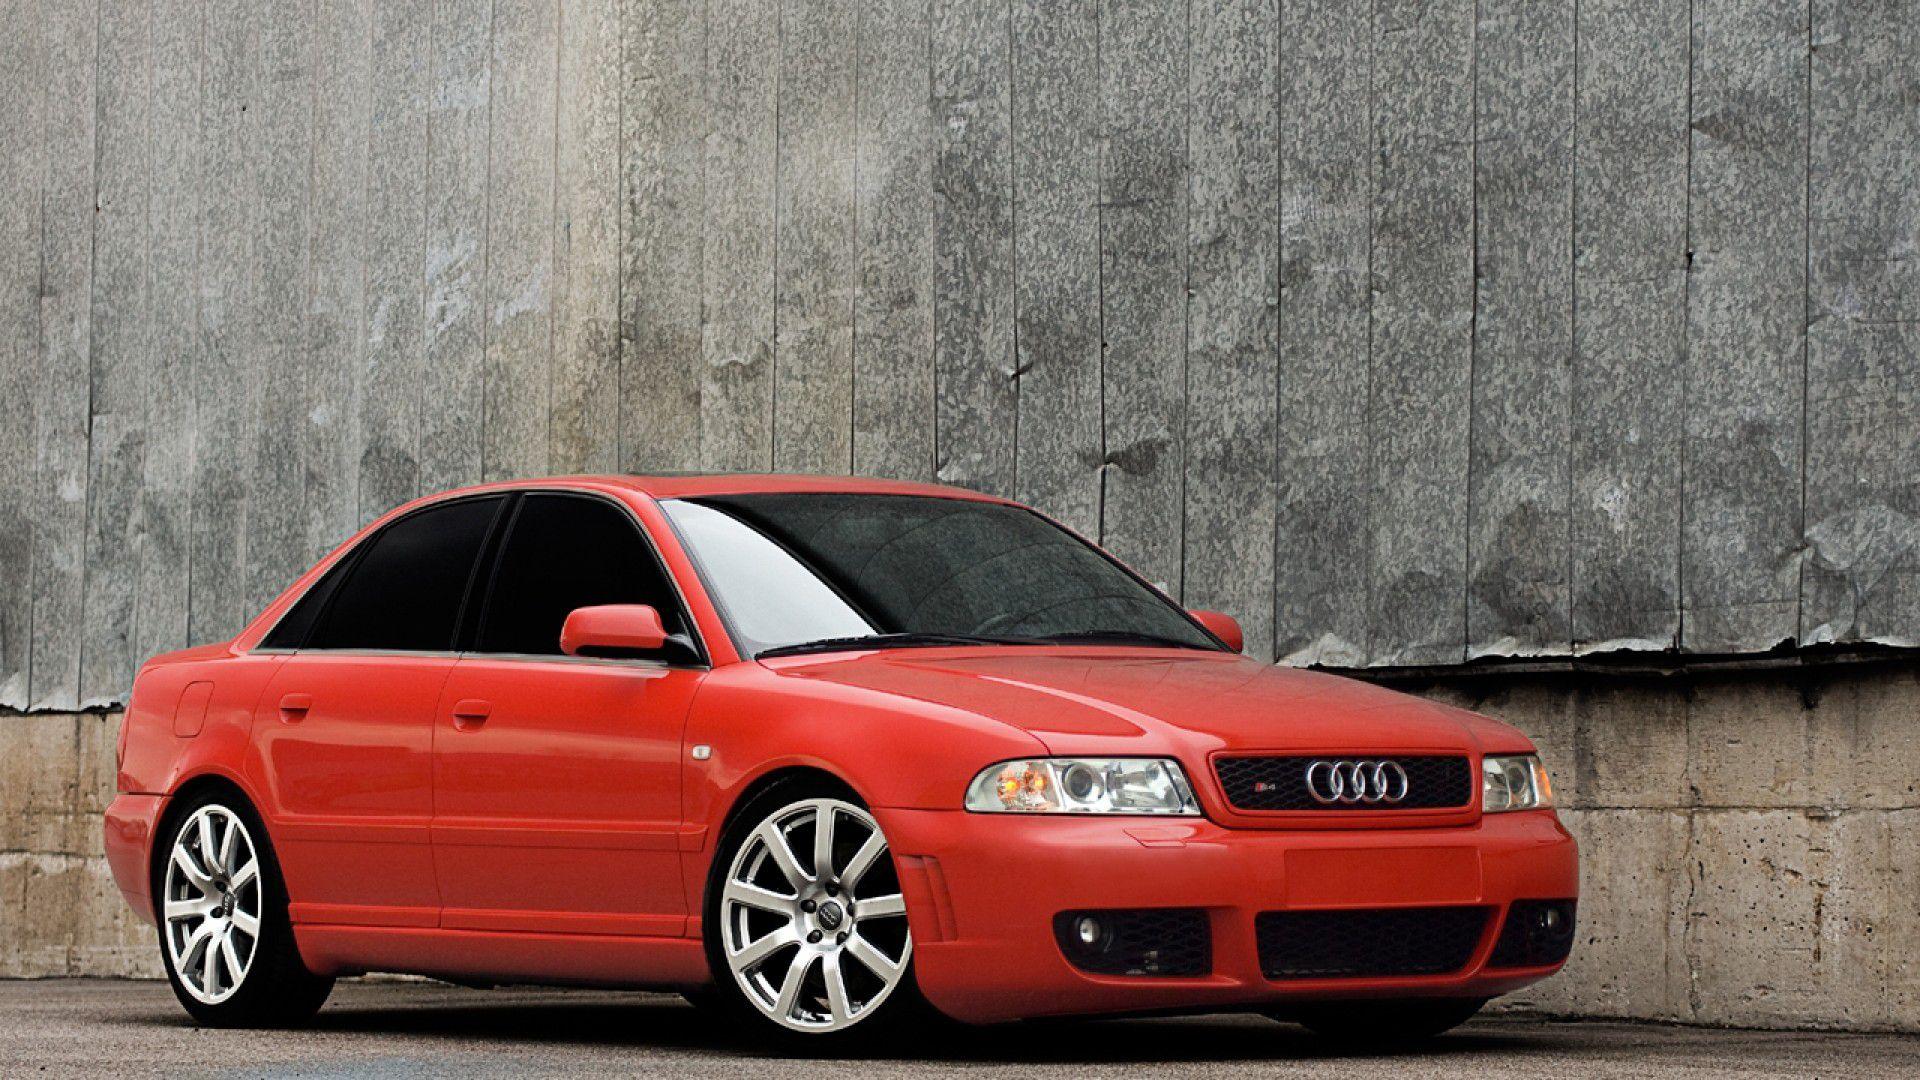 Audi S4 Quattro (1997 to 2002)